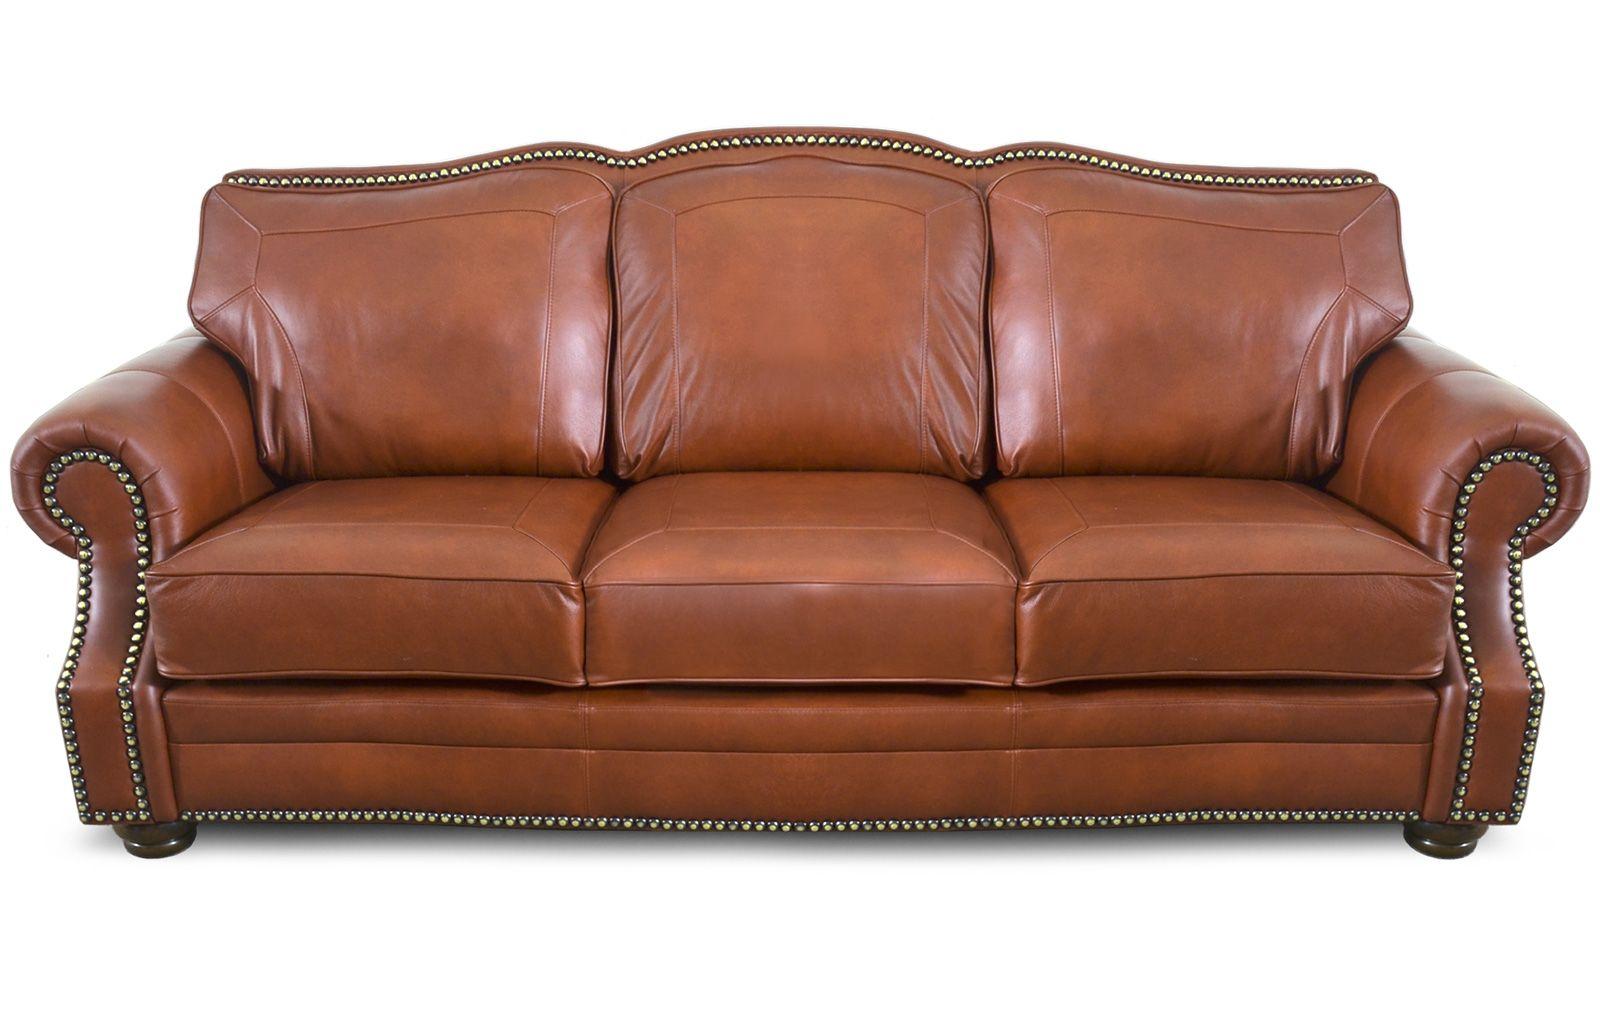 Walton Sofa ‹‹ The Leather Sofa Company | Leather Furniture ...